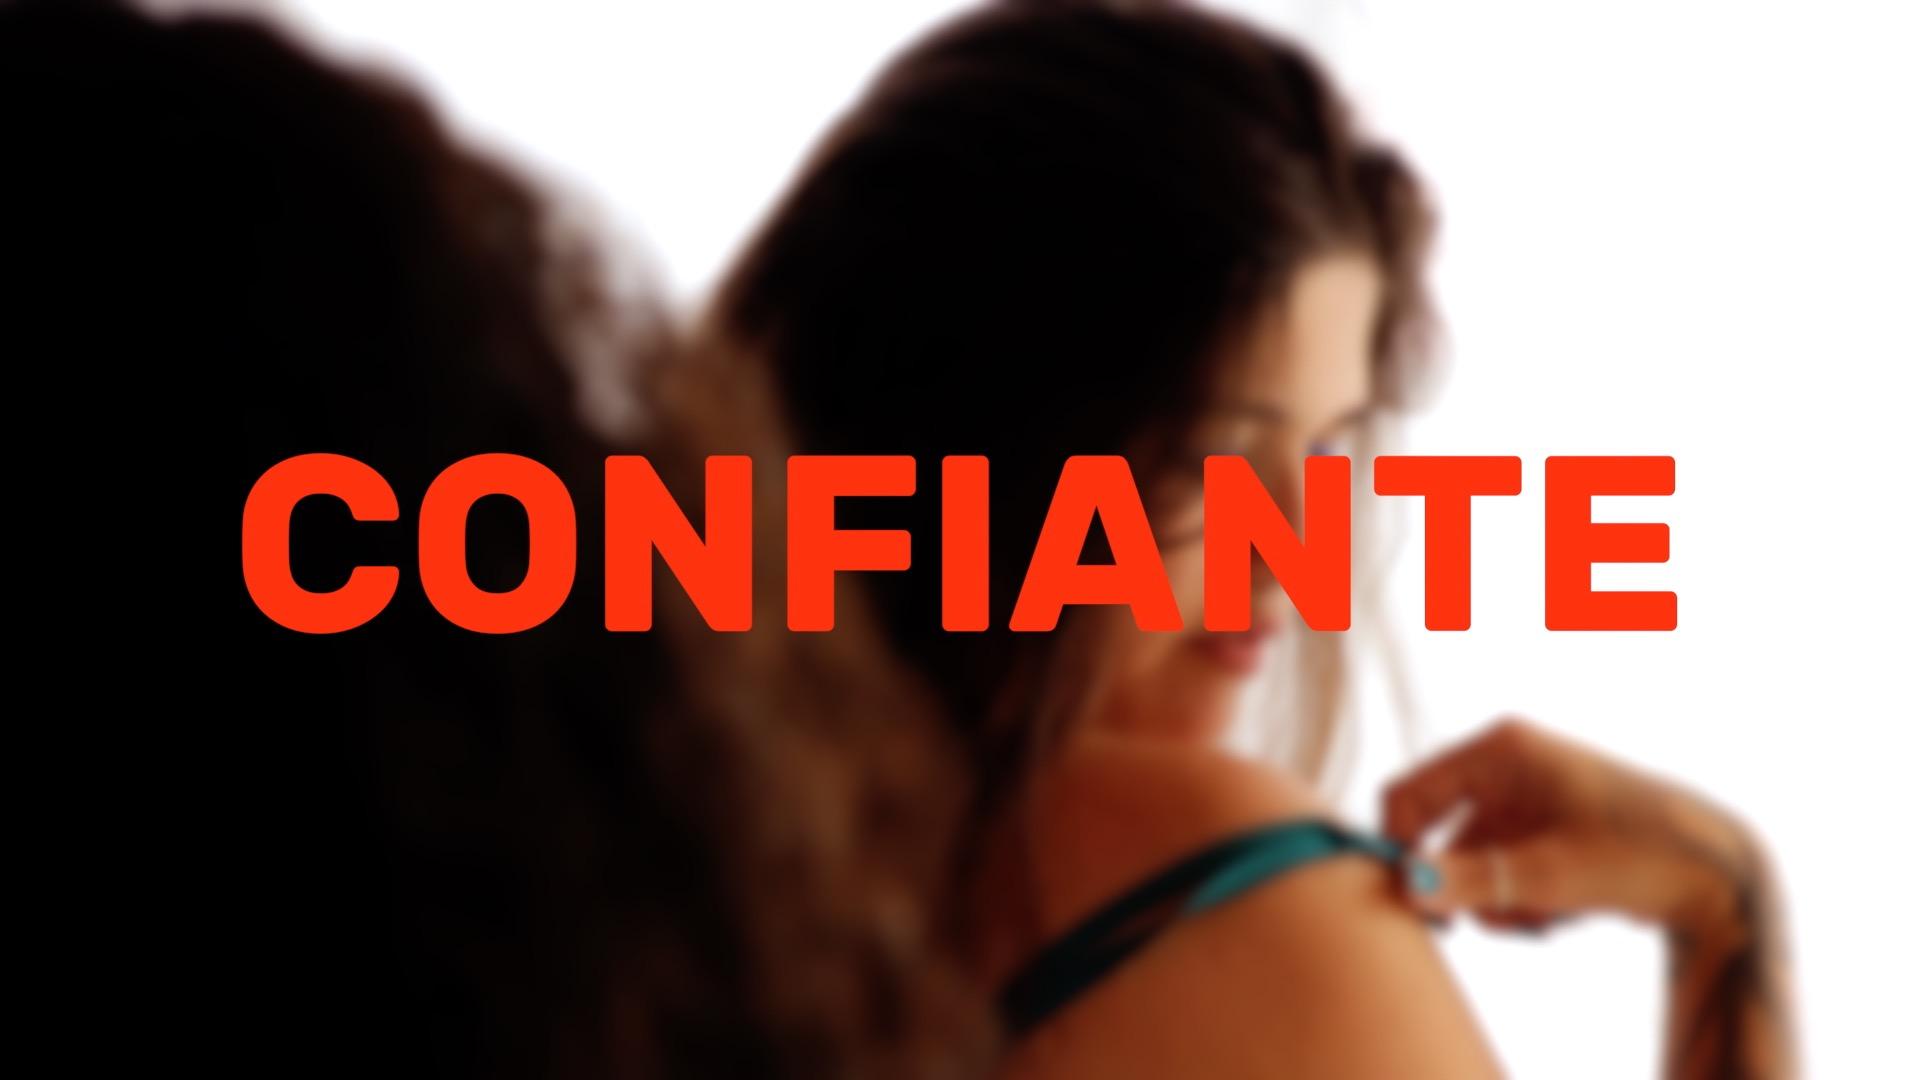 Confiante – Documentário Completo – Filme selecionado para a Mostra Internacional Audiovisual Curta o Gênero 2019